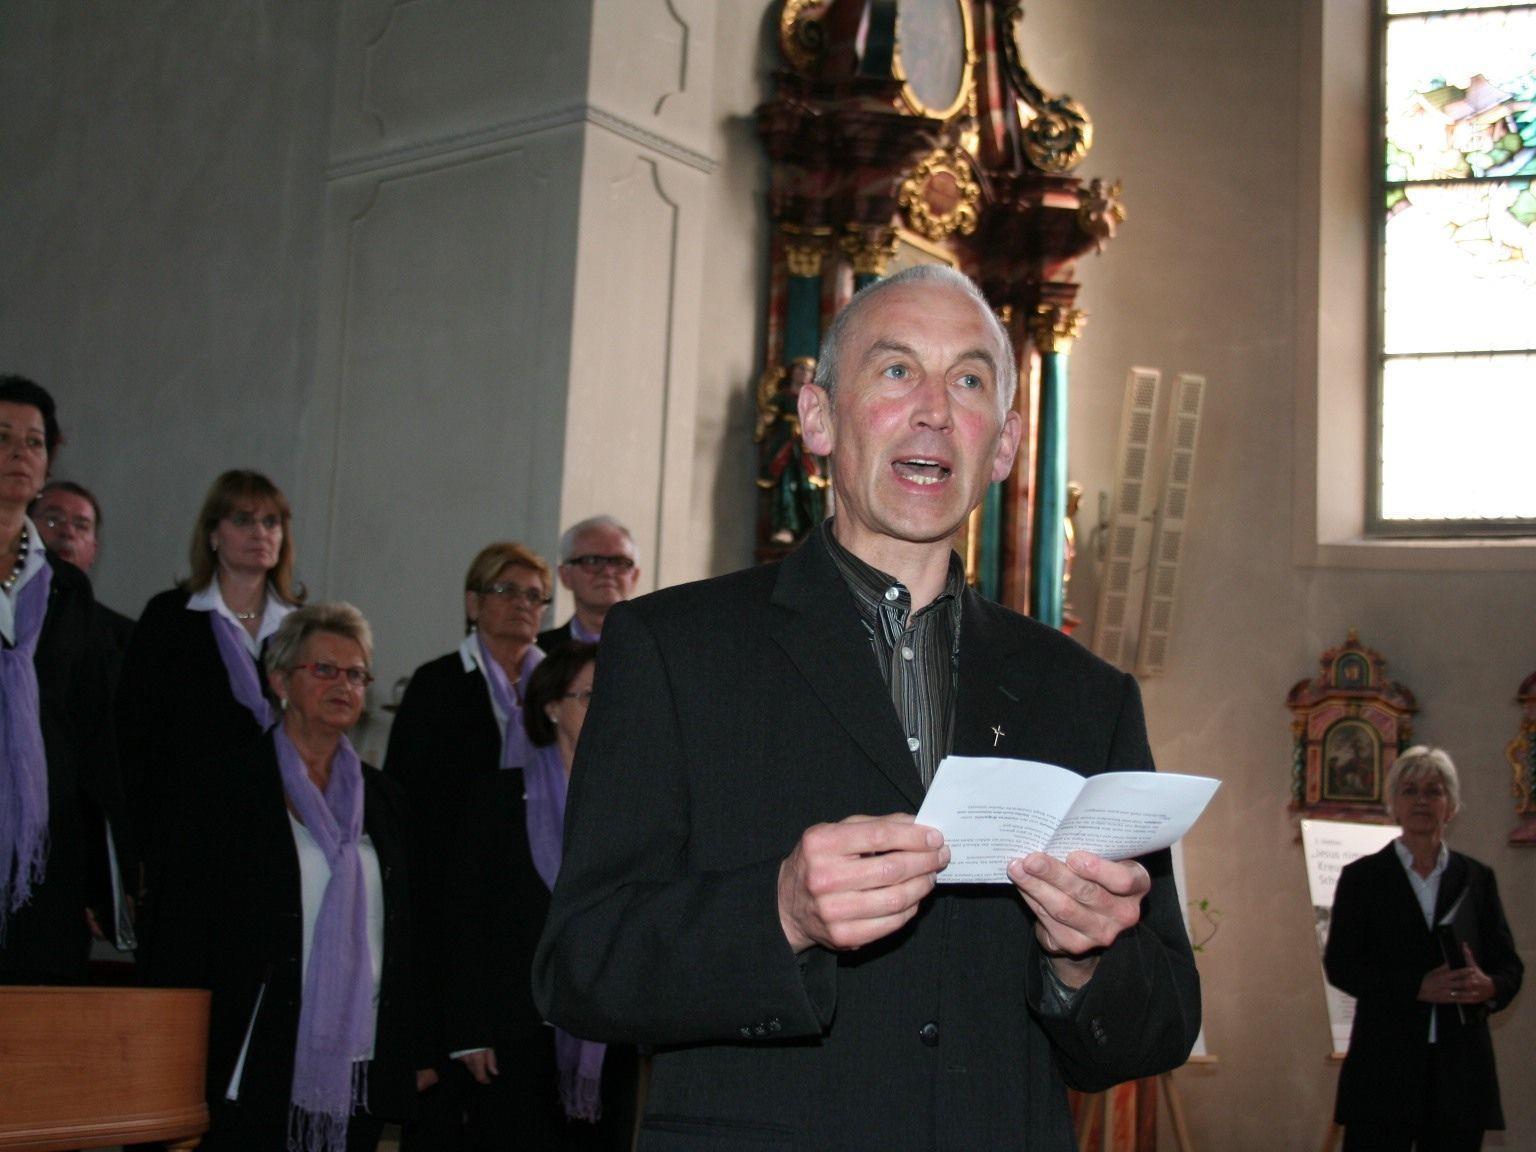 Pfarrer Paul Burtscher hofft auf viele Konzertbesucher in Bildstein.